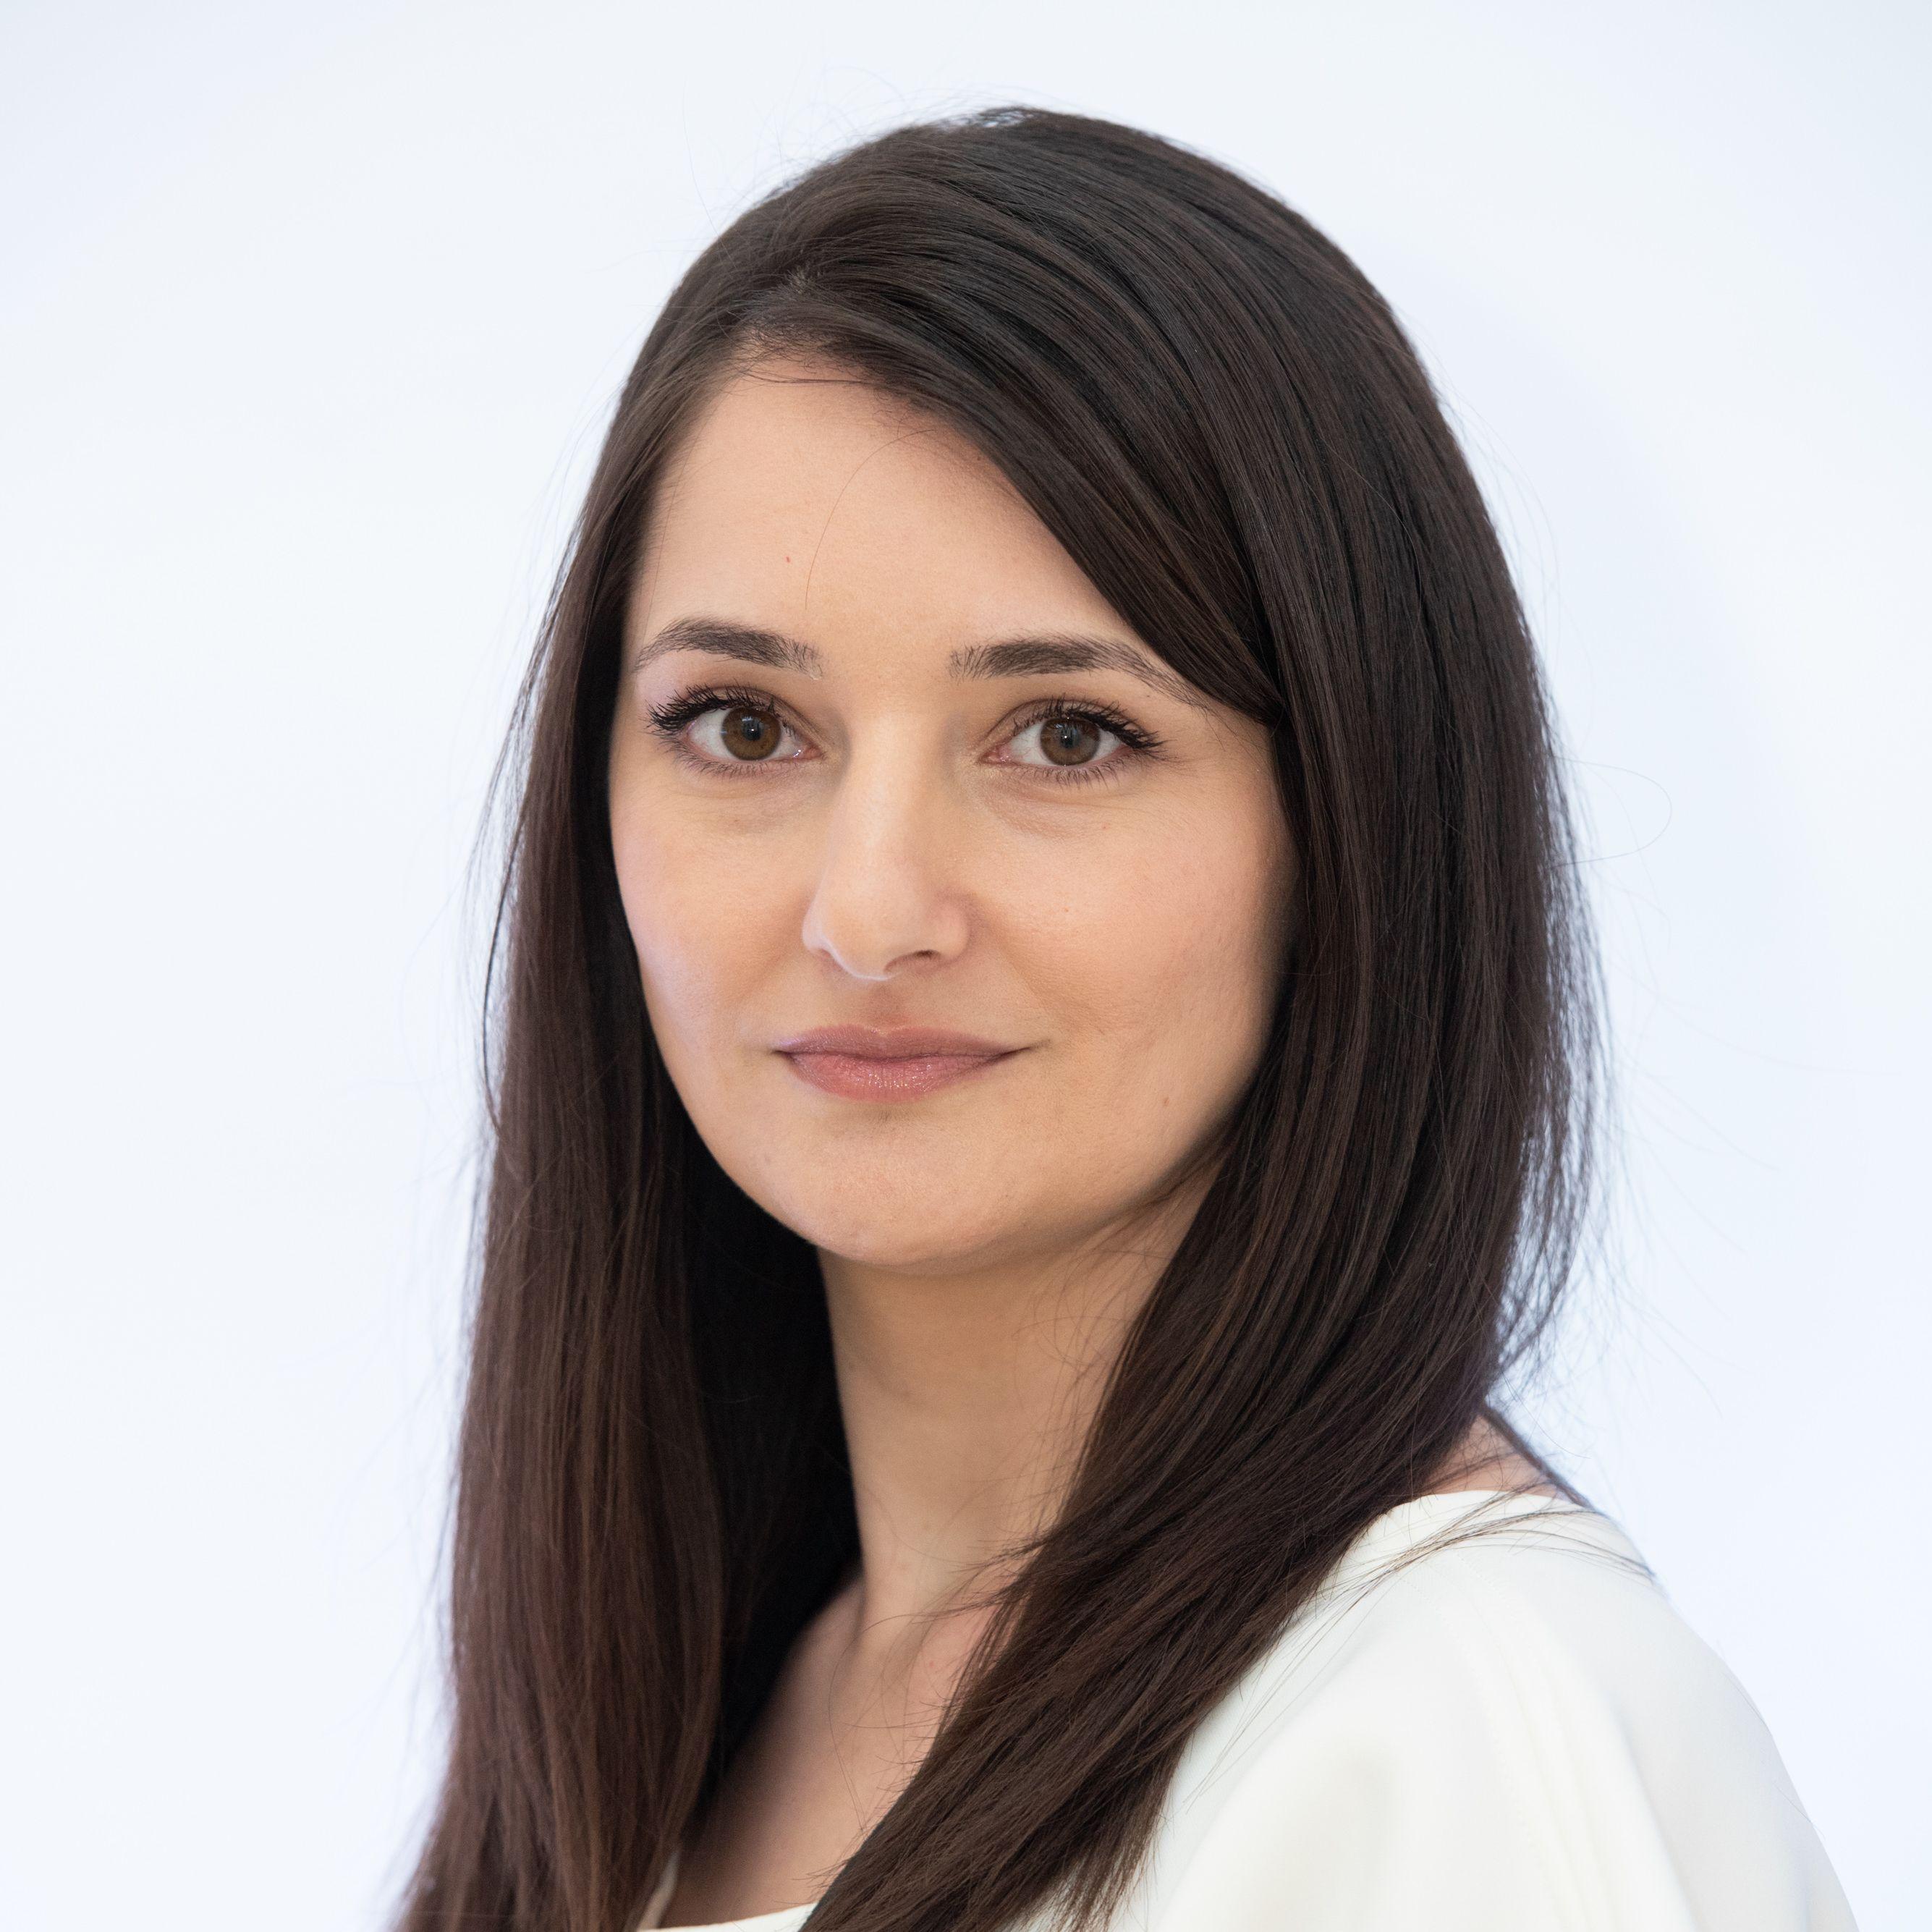 Kristina Išić